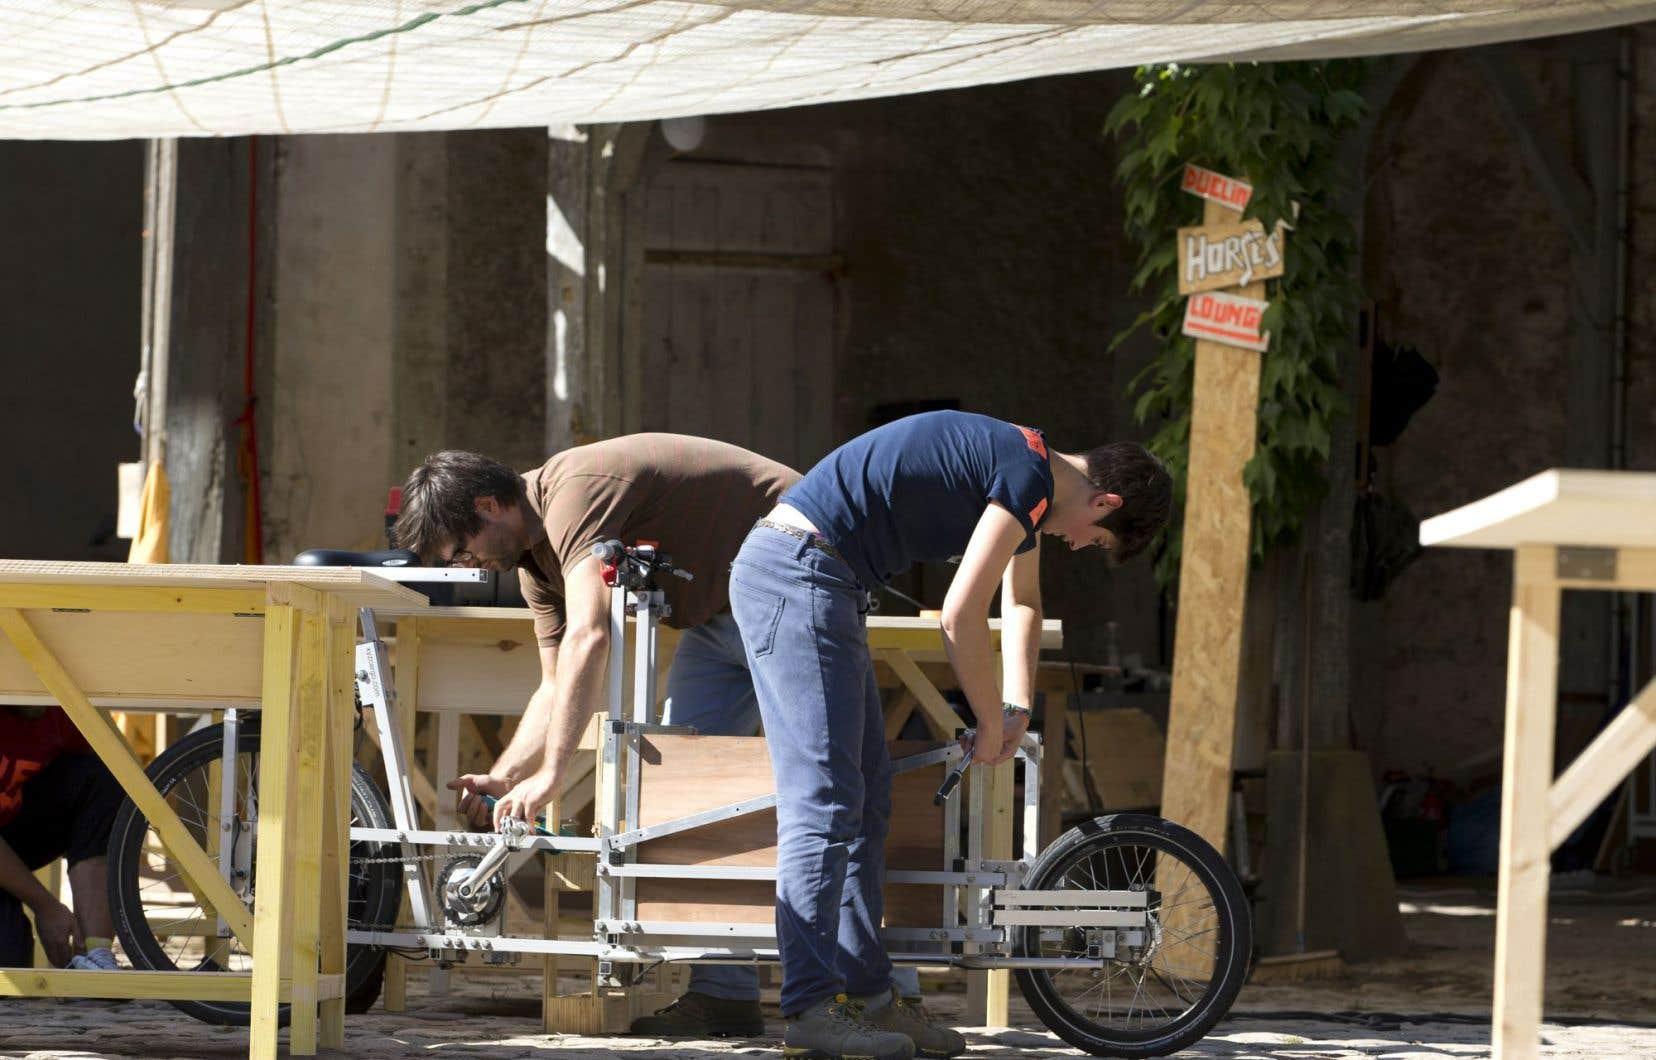 Le POC21, qui s'est déroulé en août dernier en banlieue parisienne, a permis la mise au point d'un vélo cargo à géométrie variable.